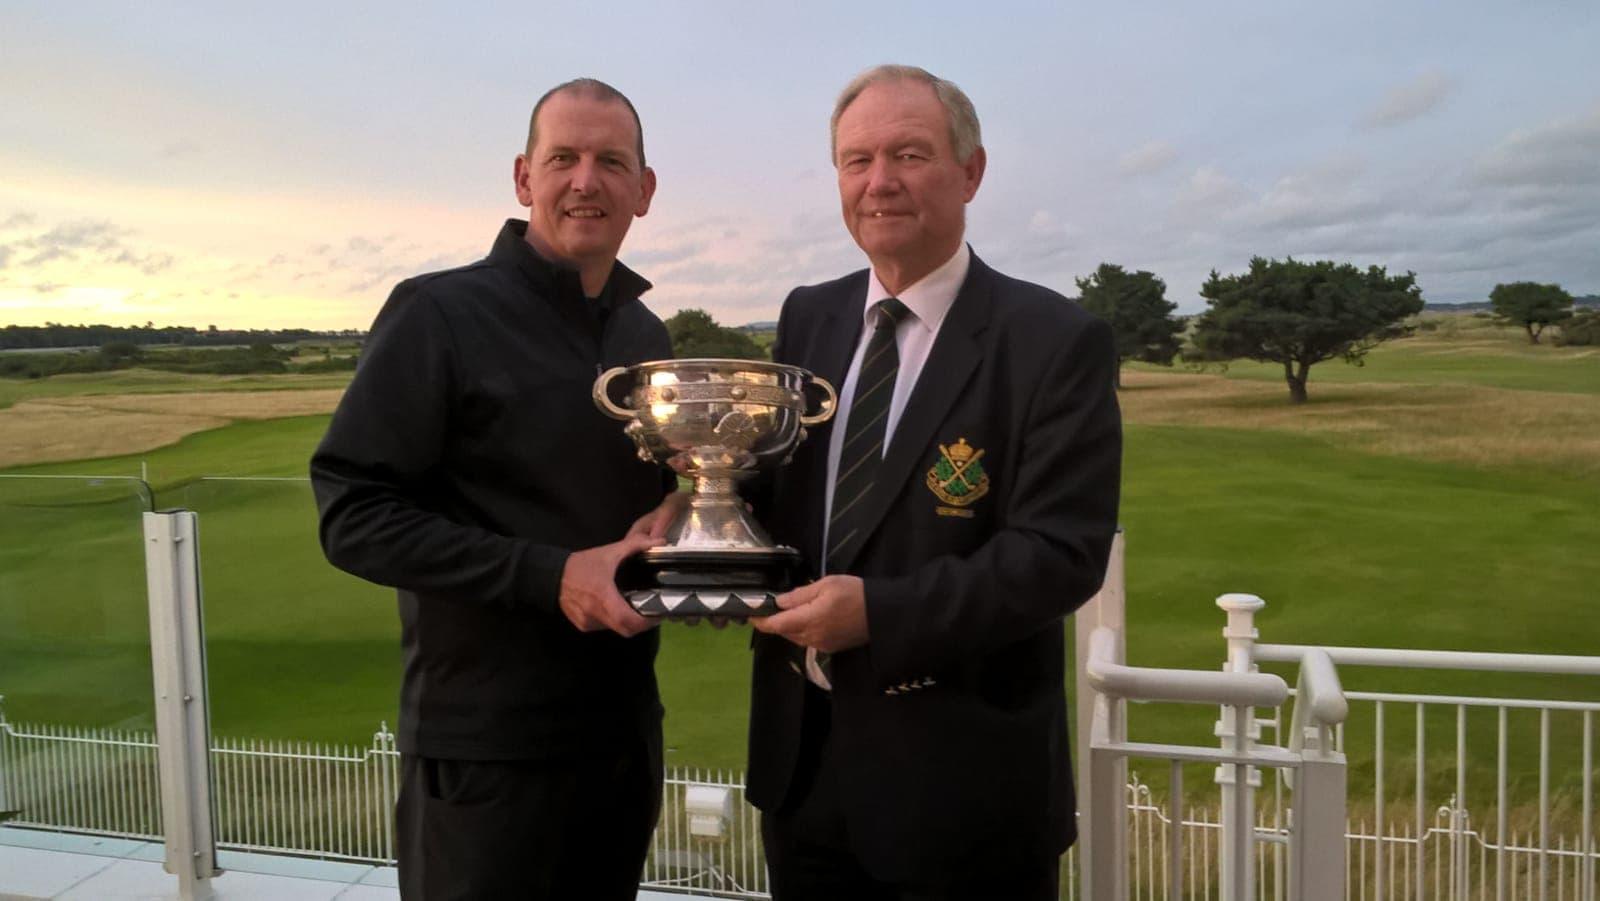 The John Lumsden Memorial Cup